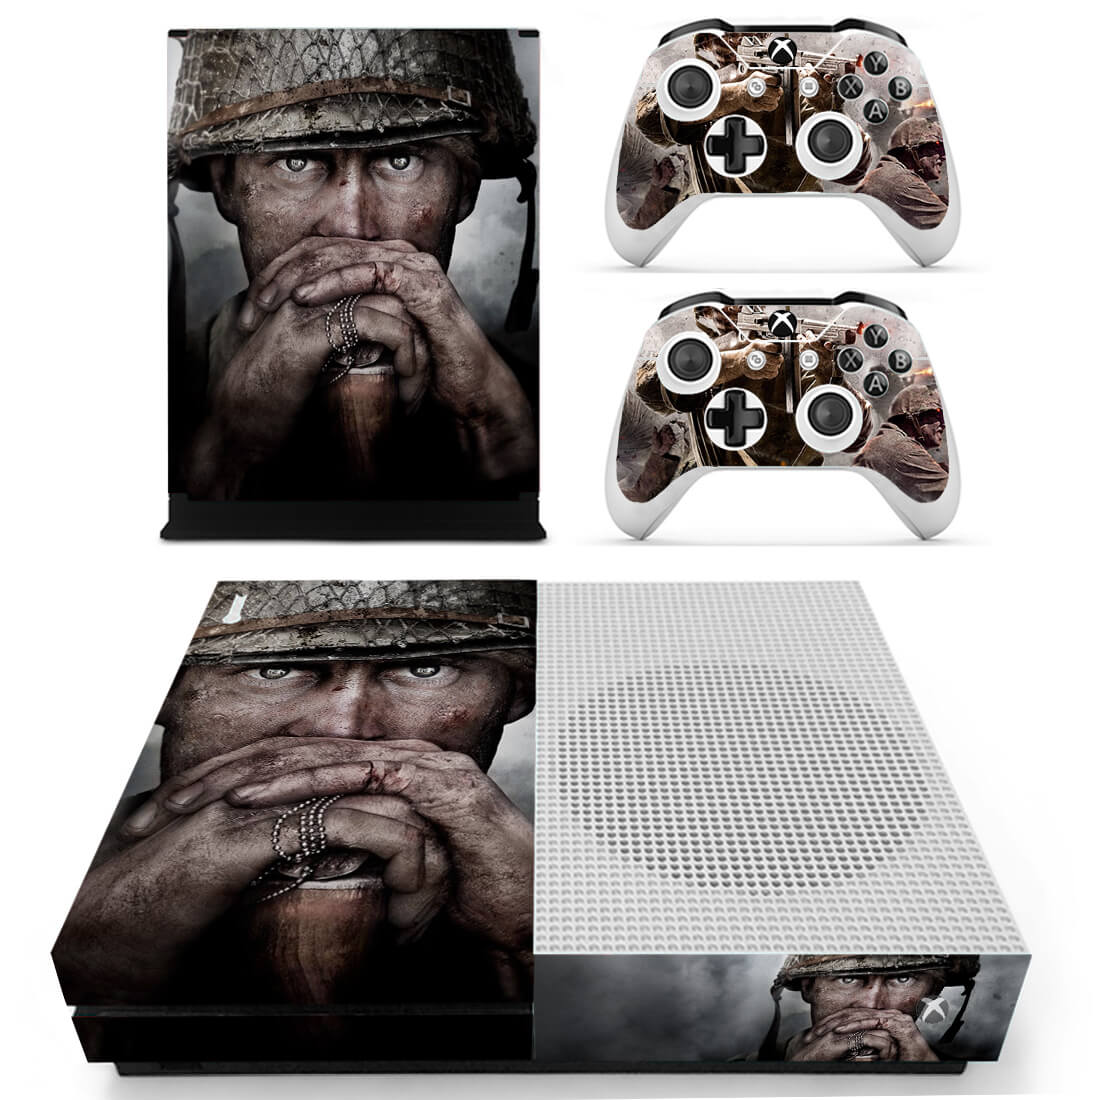 COD WW2 Xbox One S skin